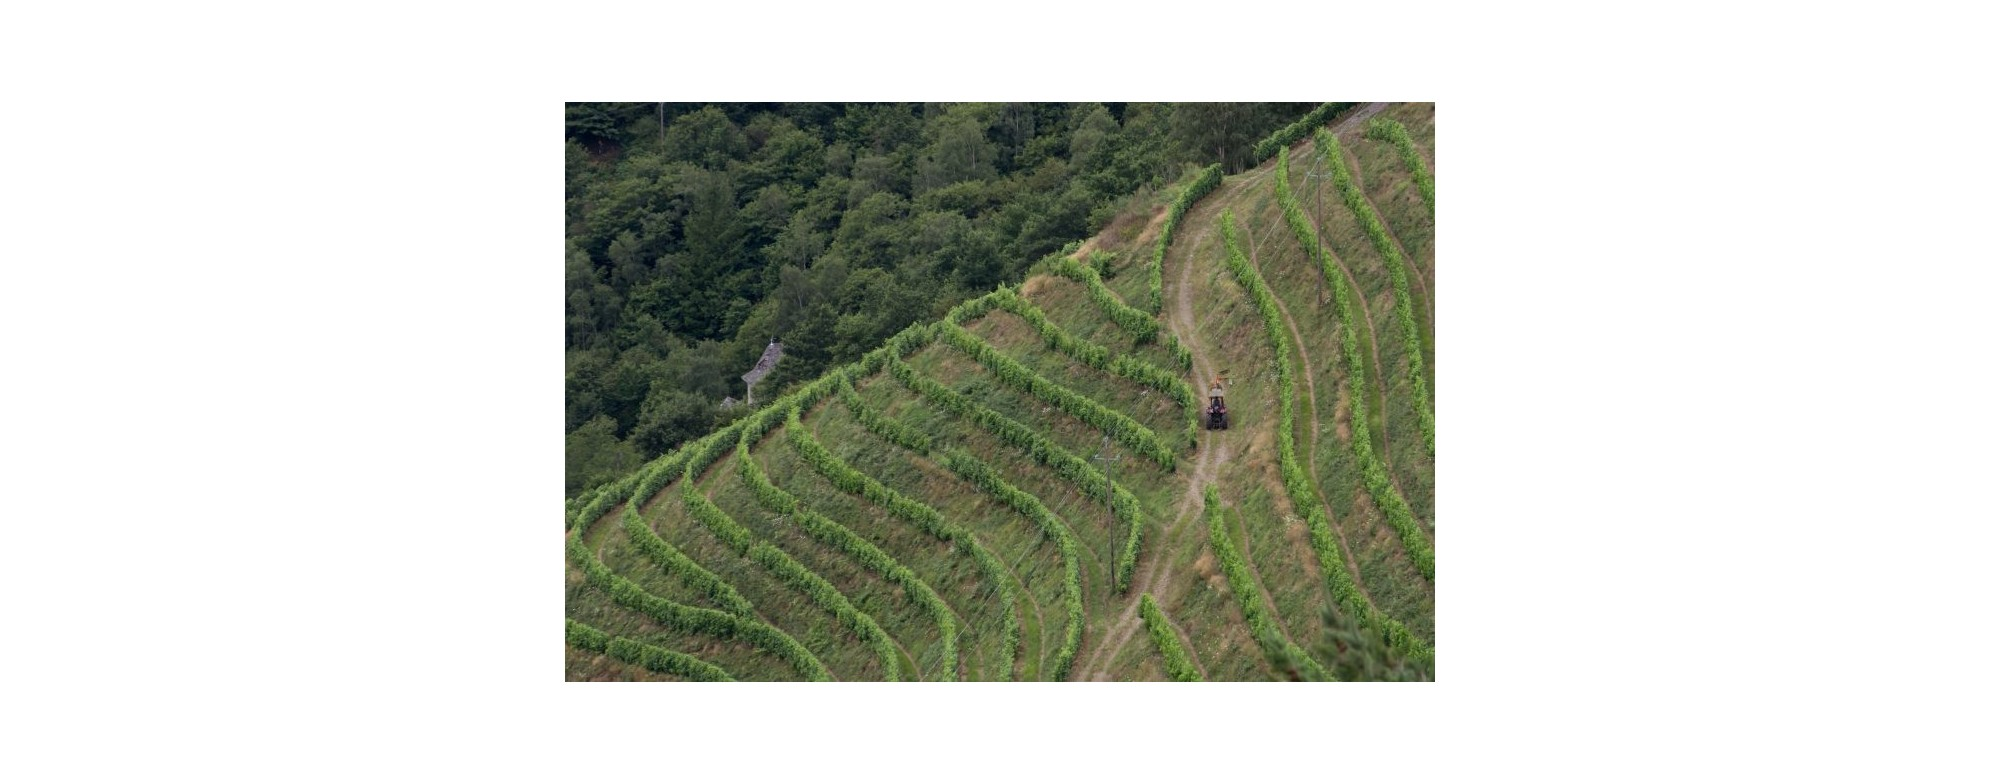 Vins et vignobles de l'Aveyron, témoignage de très anciennes traditions